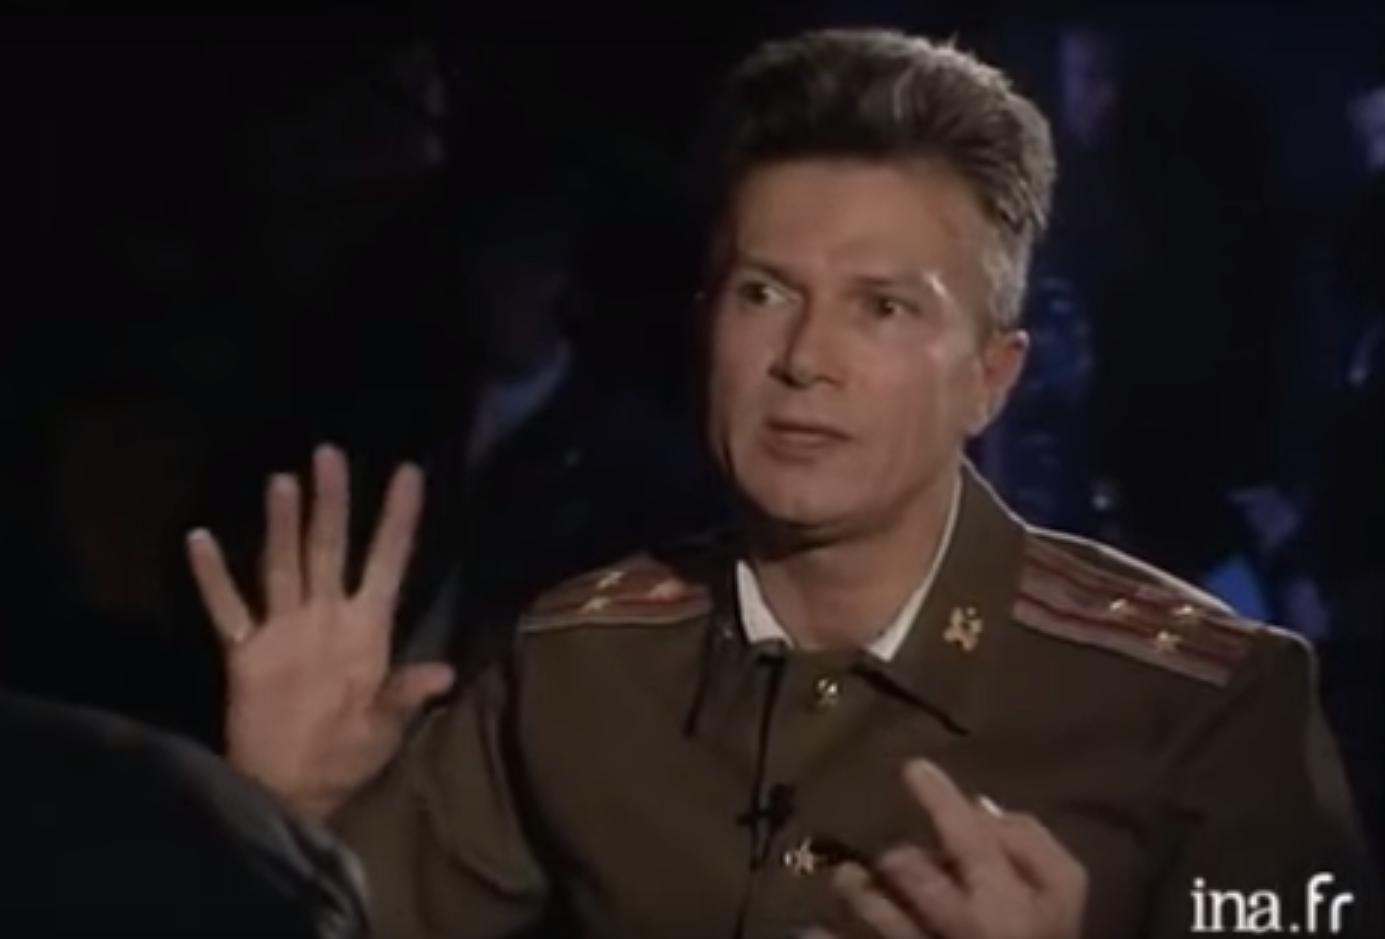 Edouard Limonov déguisé en soldat soviétique lors d'une interview à la télévision française en 1989